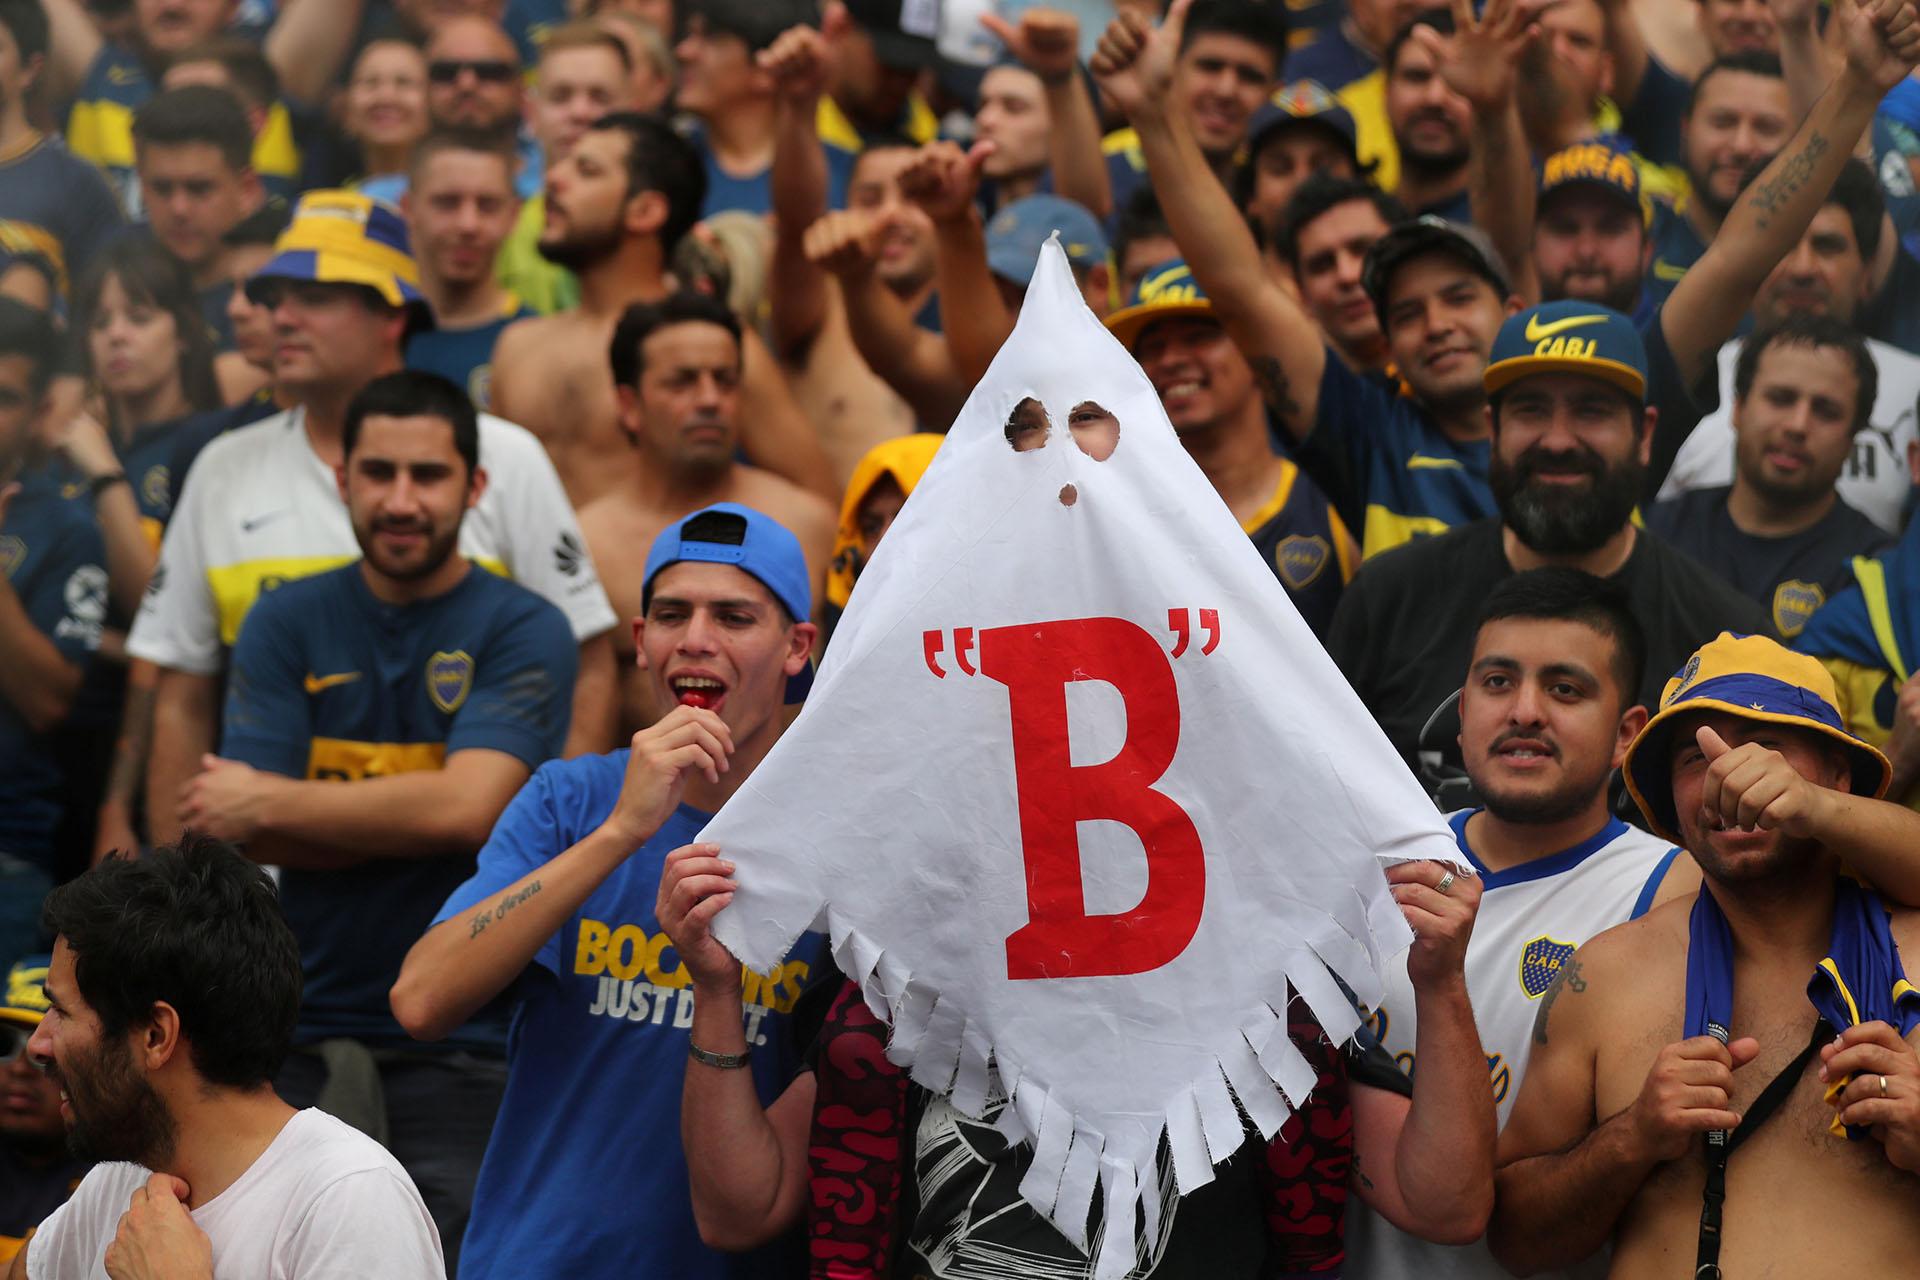 El fantasma de la B que nunca falta en los Superclásicos